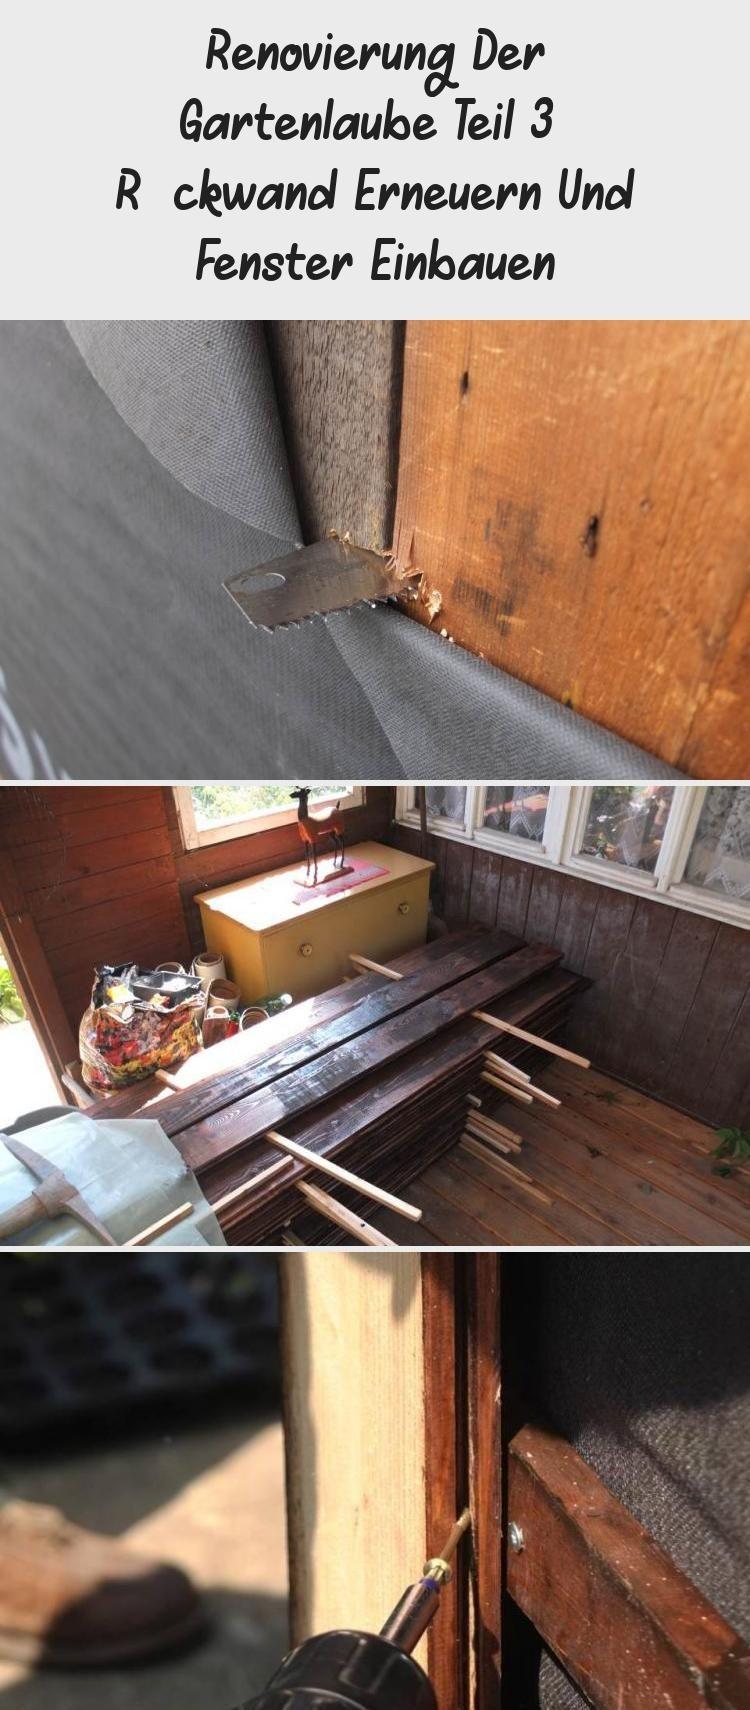 Full Size of Fensterfugen Erneuern Renovierung Der Gartenlaube Teil 3 Rckwand Und Fenster Bad Kosten Wohnzimmer Fensterfugen Erneuern